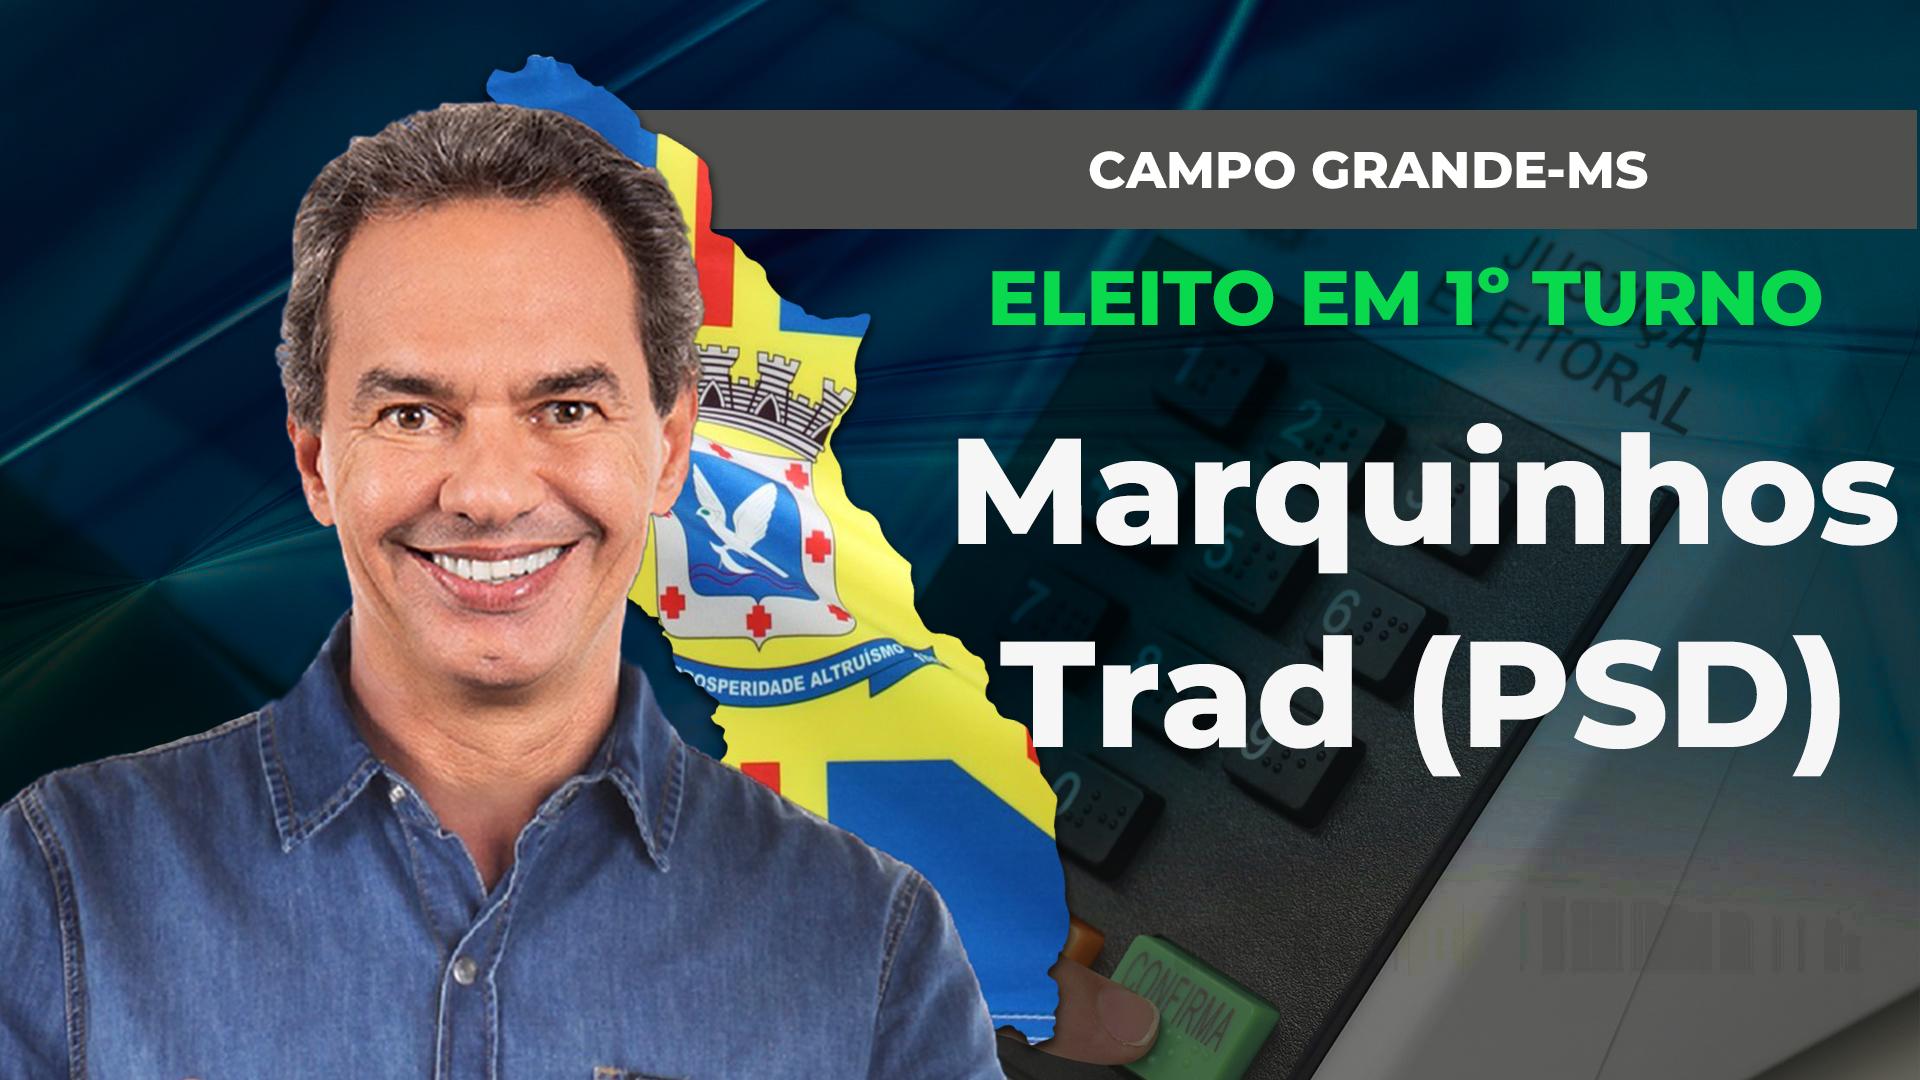 Vídeo: Marquinhos não cumpre promessa de campanha e é chamado de covarde